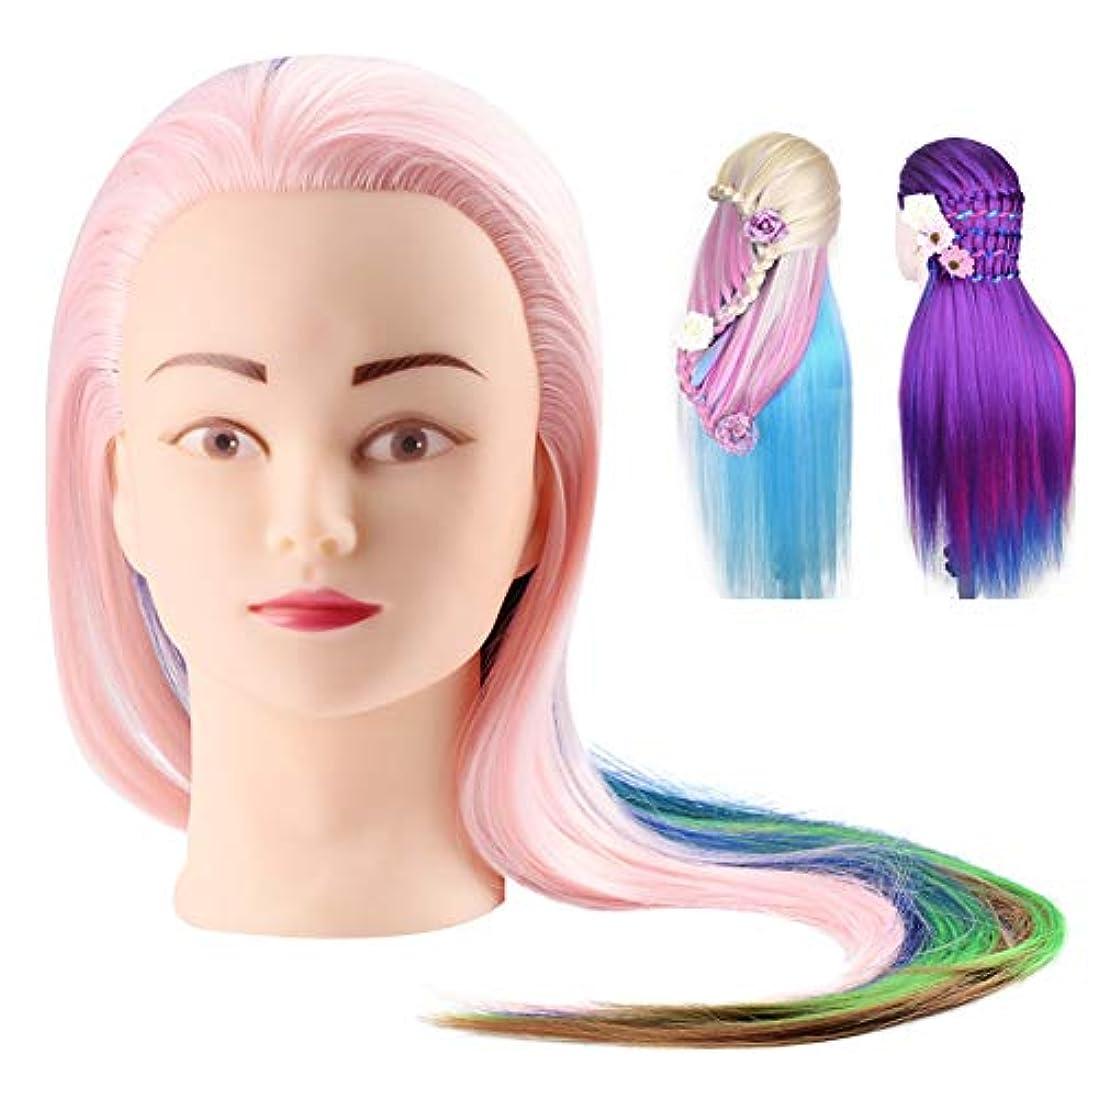 詳細にレースプロの理髪ヘッド、化粧品実用的なマネキン人形人工毛、人工毛理髪トレーニングヘッドエクササイズマネキン